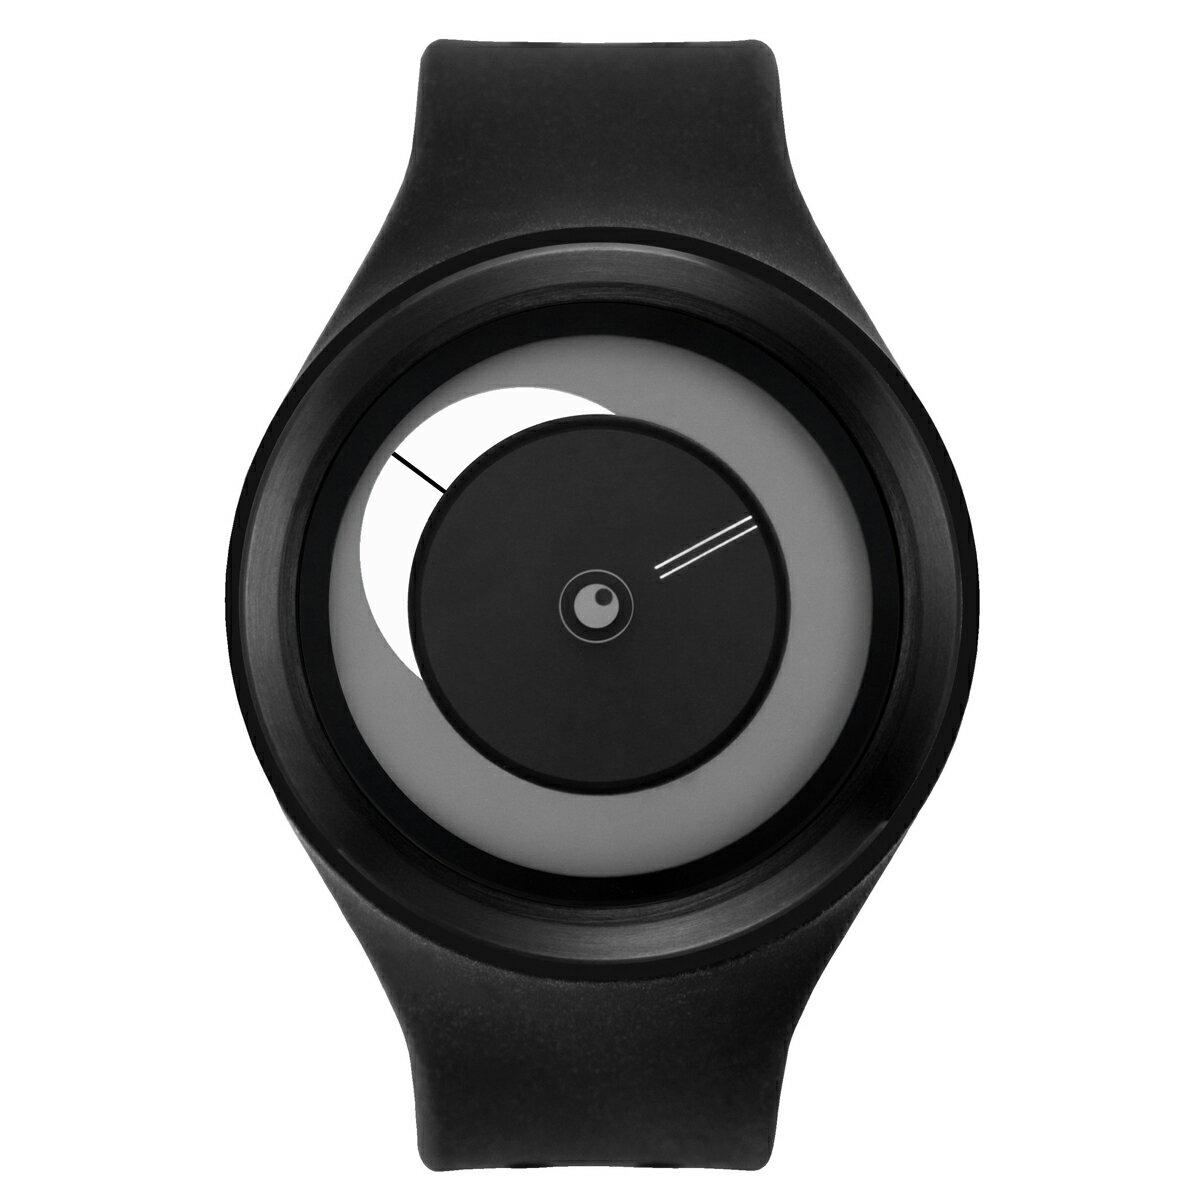 ZEROO CRESCENT MOON ゼロ 電池式クォーツ 腕時計 [W01102B03SR02] ブラック デザインウォッチ ペア用 メンズ レディース ユニセックス おしゃれ時計 デザイナーズ